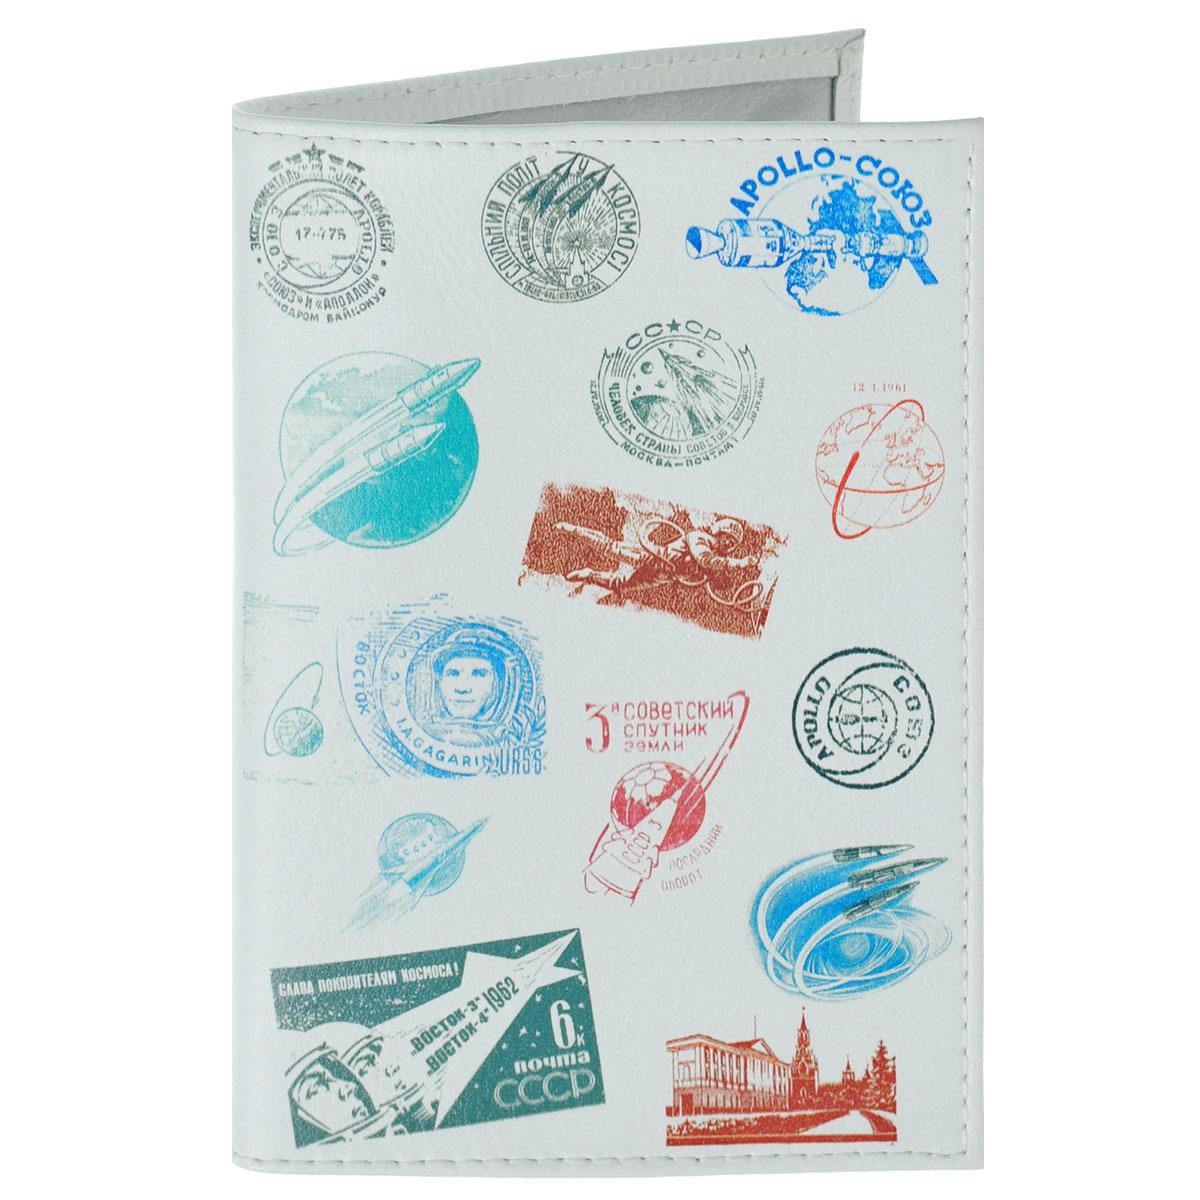 Обложка для паспорта Штампики о космосе. OK278АНТ160614-2Обложка для паспорта Mitya Veselkov Штампики о космосе выполнена из натуральной кожи и оформлена изображениями оттисков штампиков с космической тематикой. Такая обложка не только поможет сохранить внешний вид ваших документов и защитит их от повреждений, но и станет стильным аксессуаром, идеально подходящим вашему образу.Яркая и оригинальная обложка подчеркнет вашу индивидуальность и изысканный вкус. Обложка для паспорта стильного дизайна может быть достойным и оригинальным подарком.